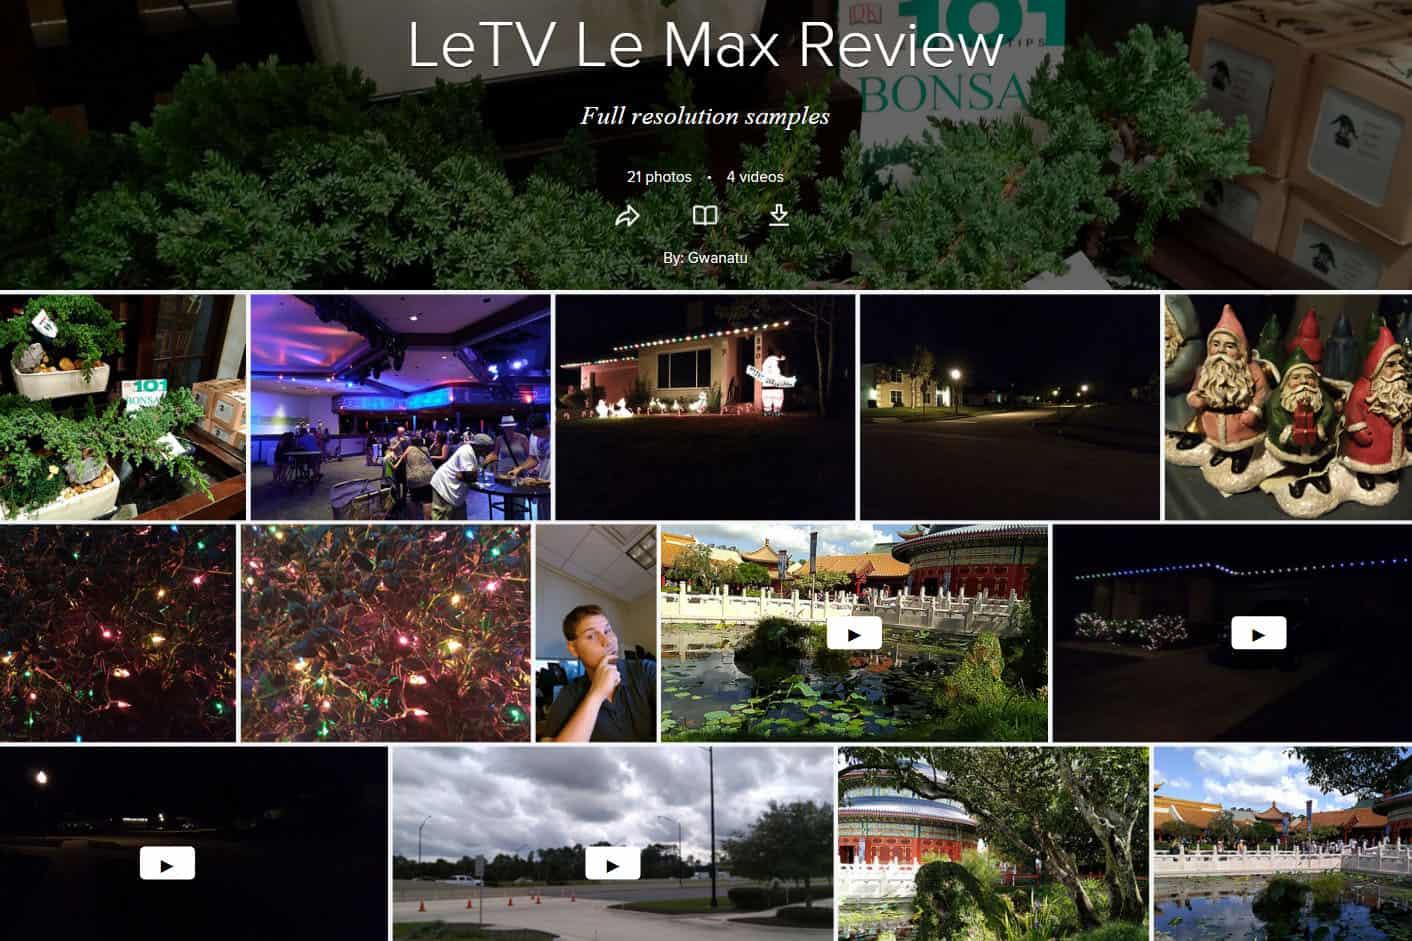 Letv-Le-Max-AH-flickr